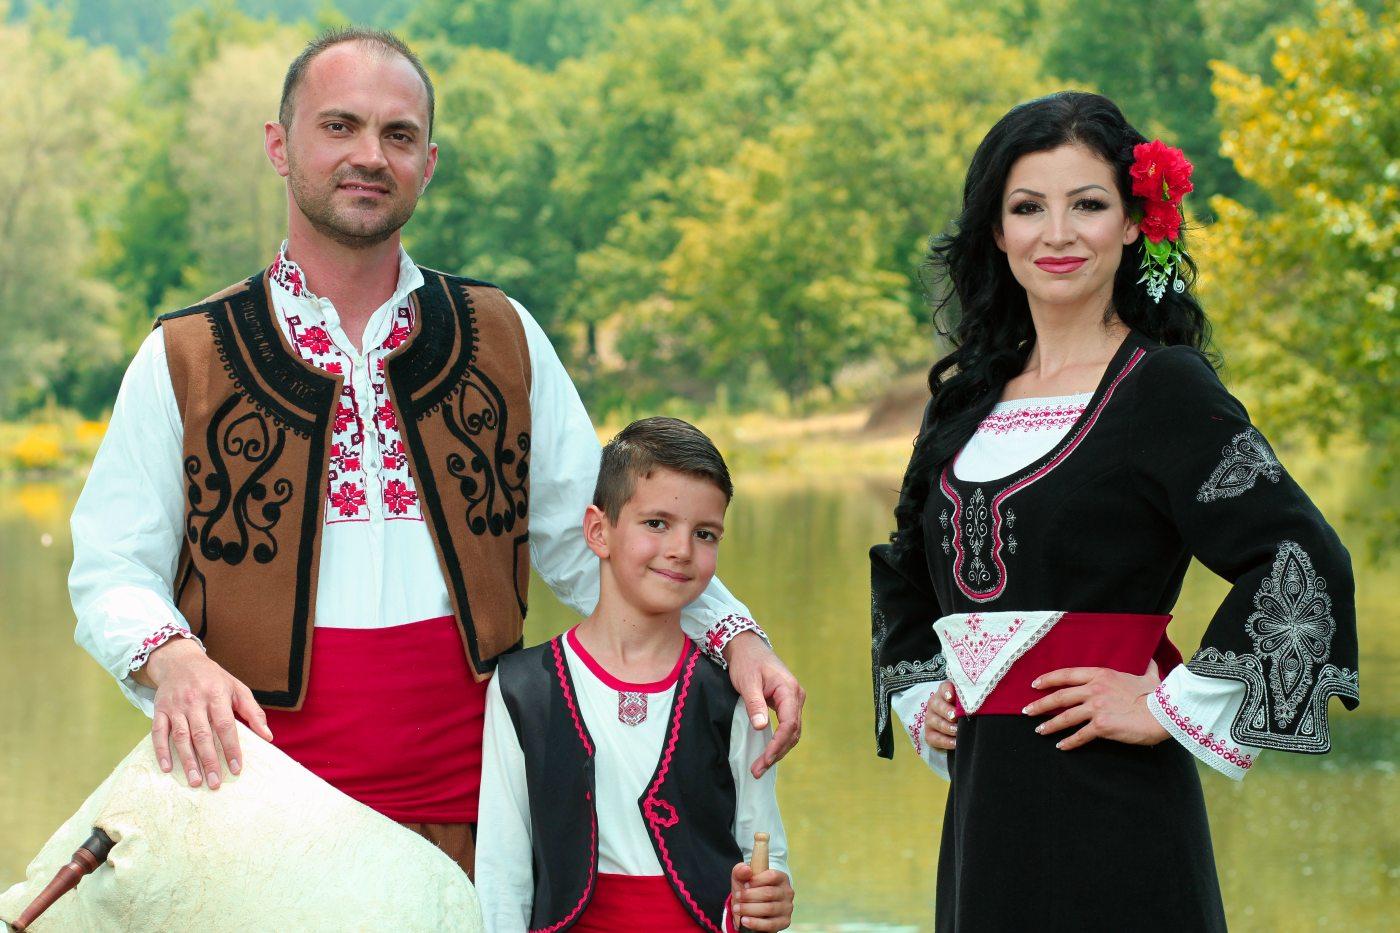 Ангелина Милева и Димитър Милев станаха родители на дъщеричка